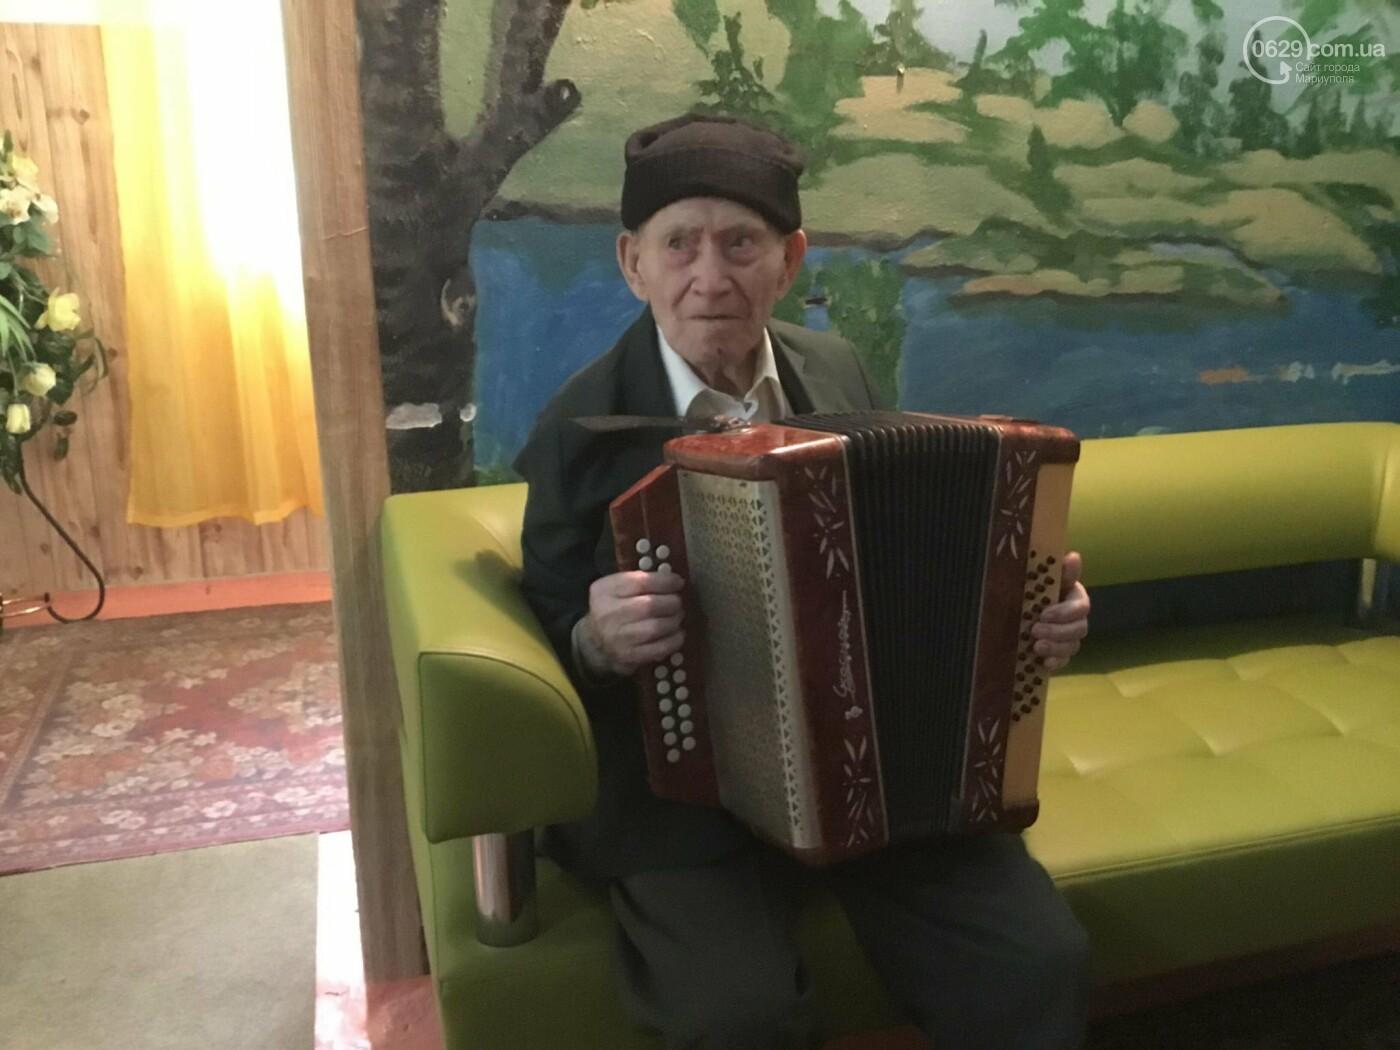 В мариупольском доме ветеранов живет 102-летний пехотинец, - ФОТО, ВИДЕО, фото-2